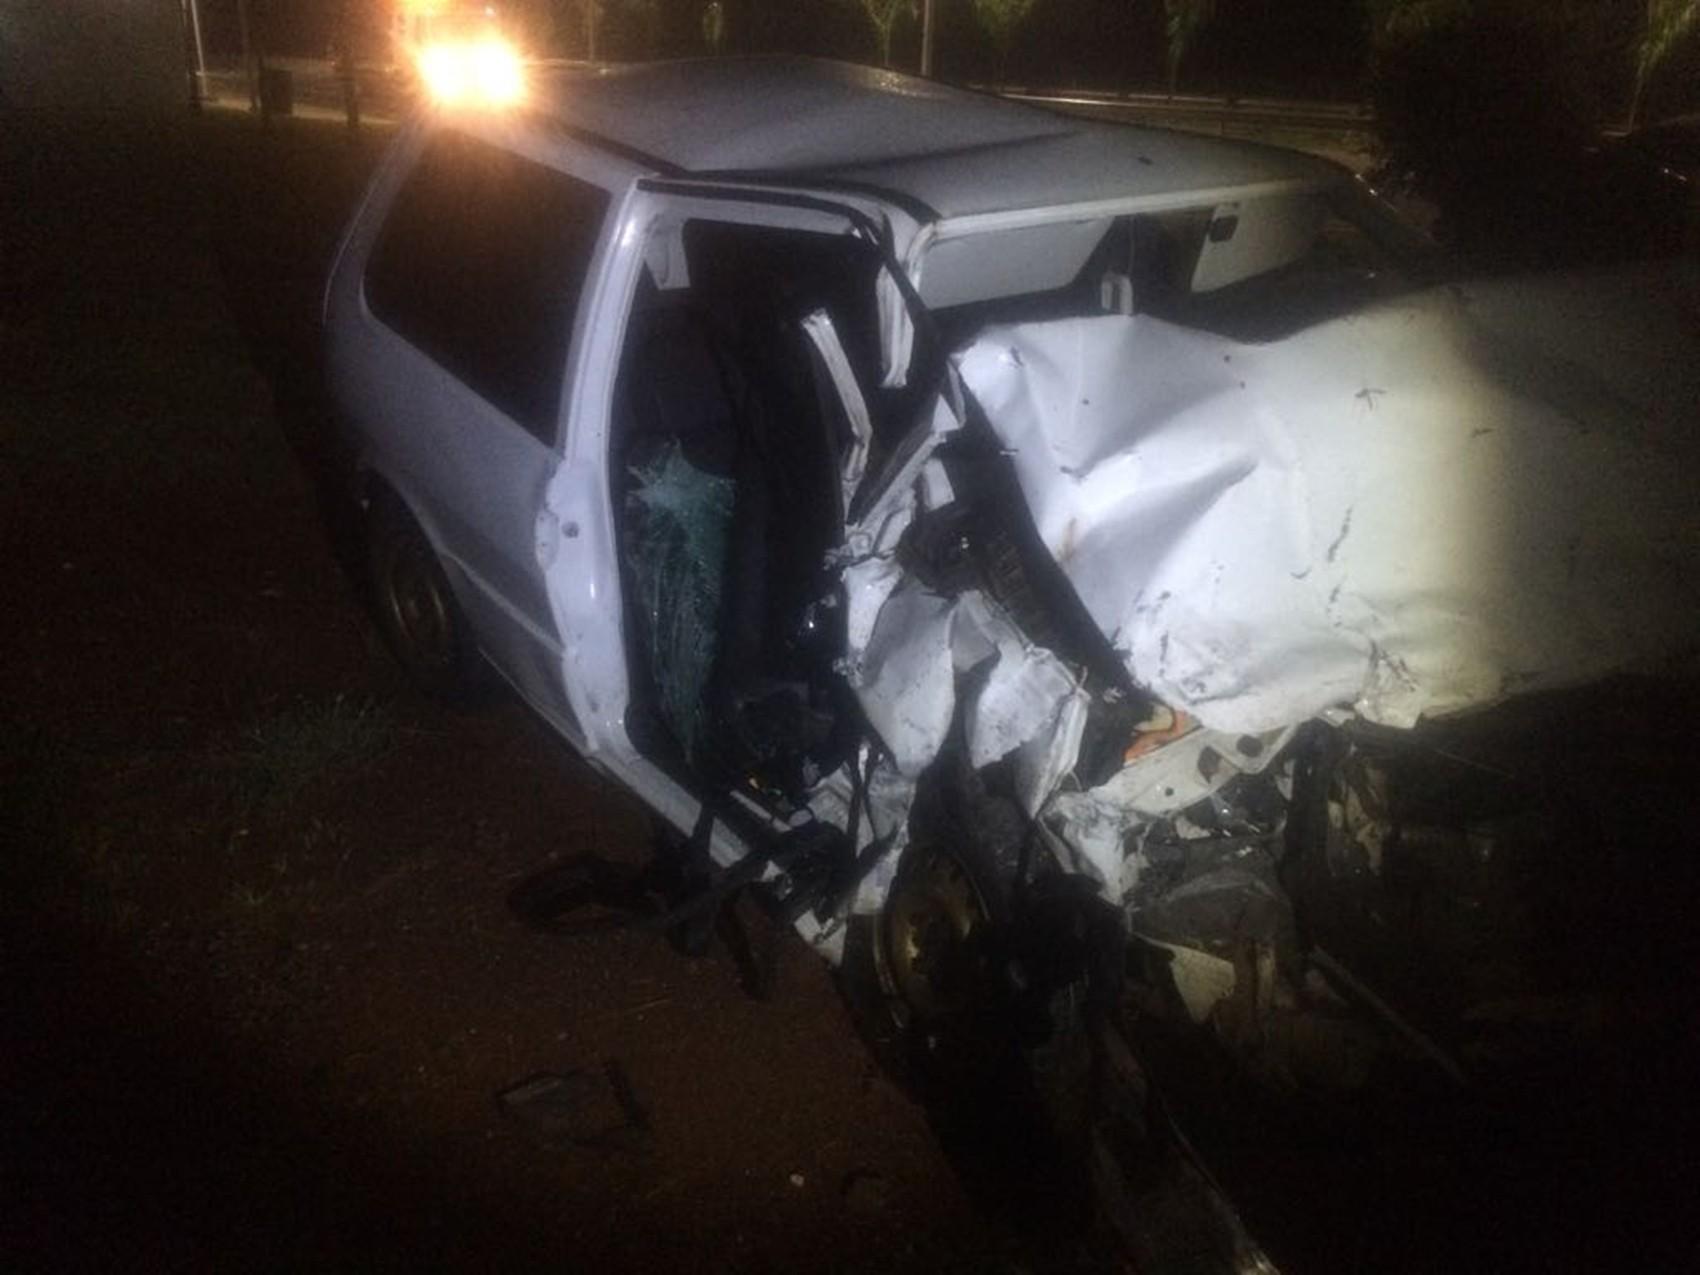 Bebê de um ano escapa ileso de acidente em rodovia no interior de SP